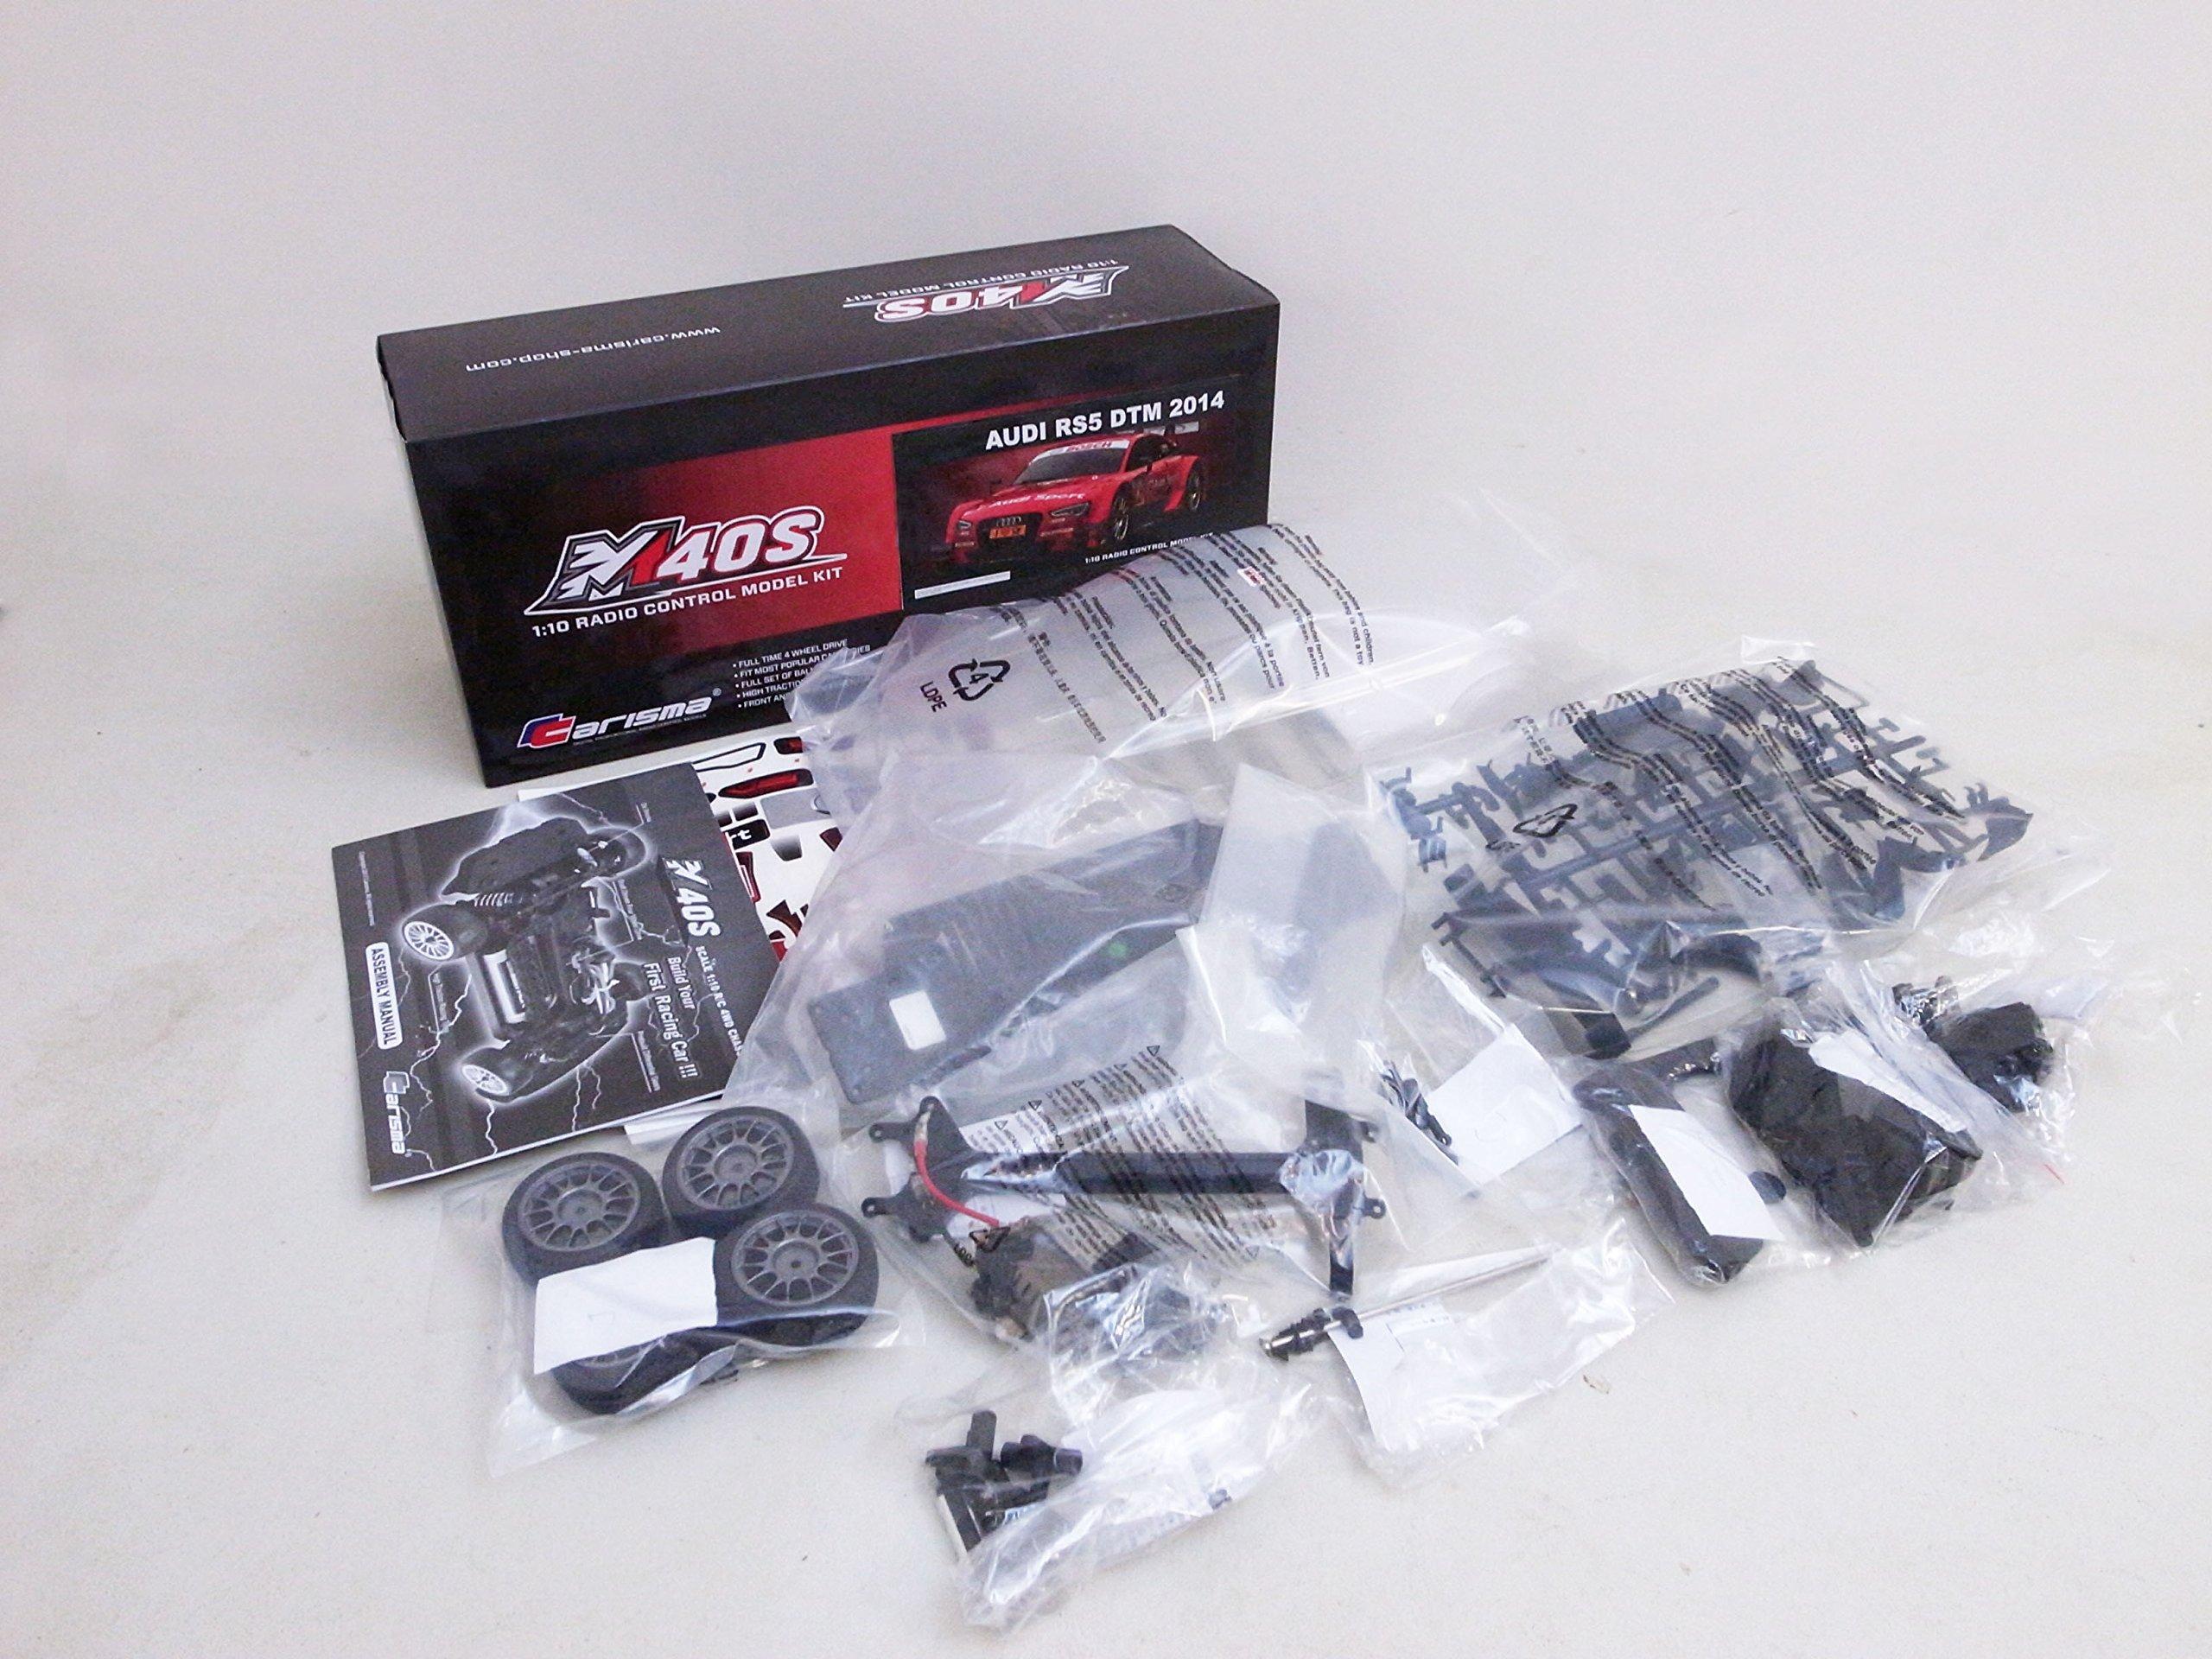 Carisma 76368 M40S Audi Rs5 DTM Car Kit, 1/10 Scale, 4WD